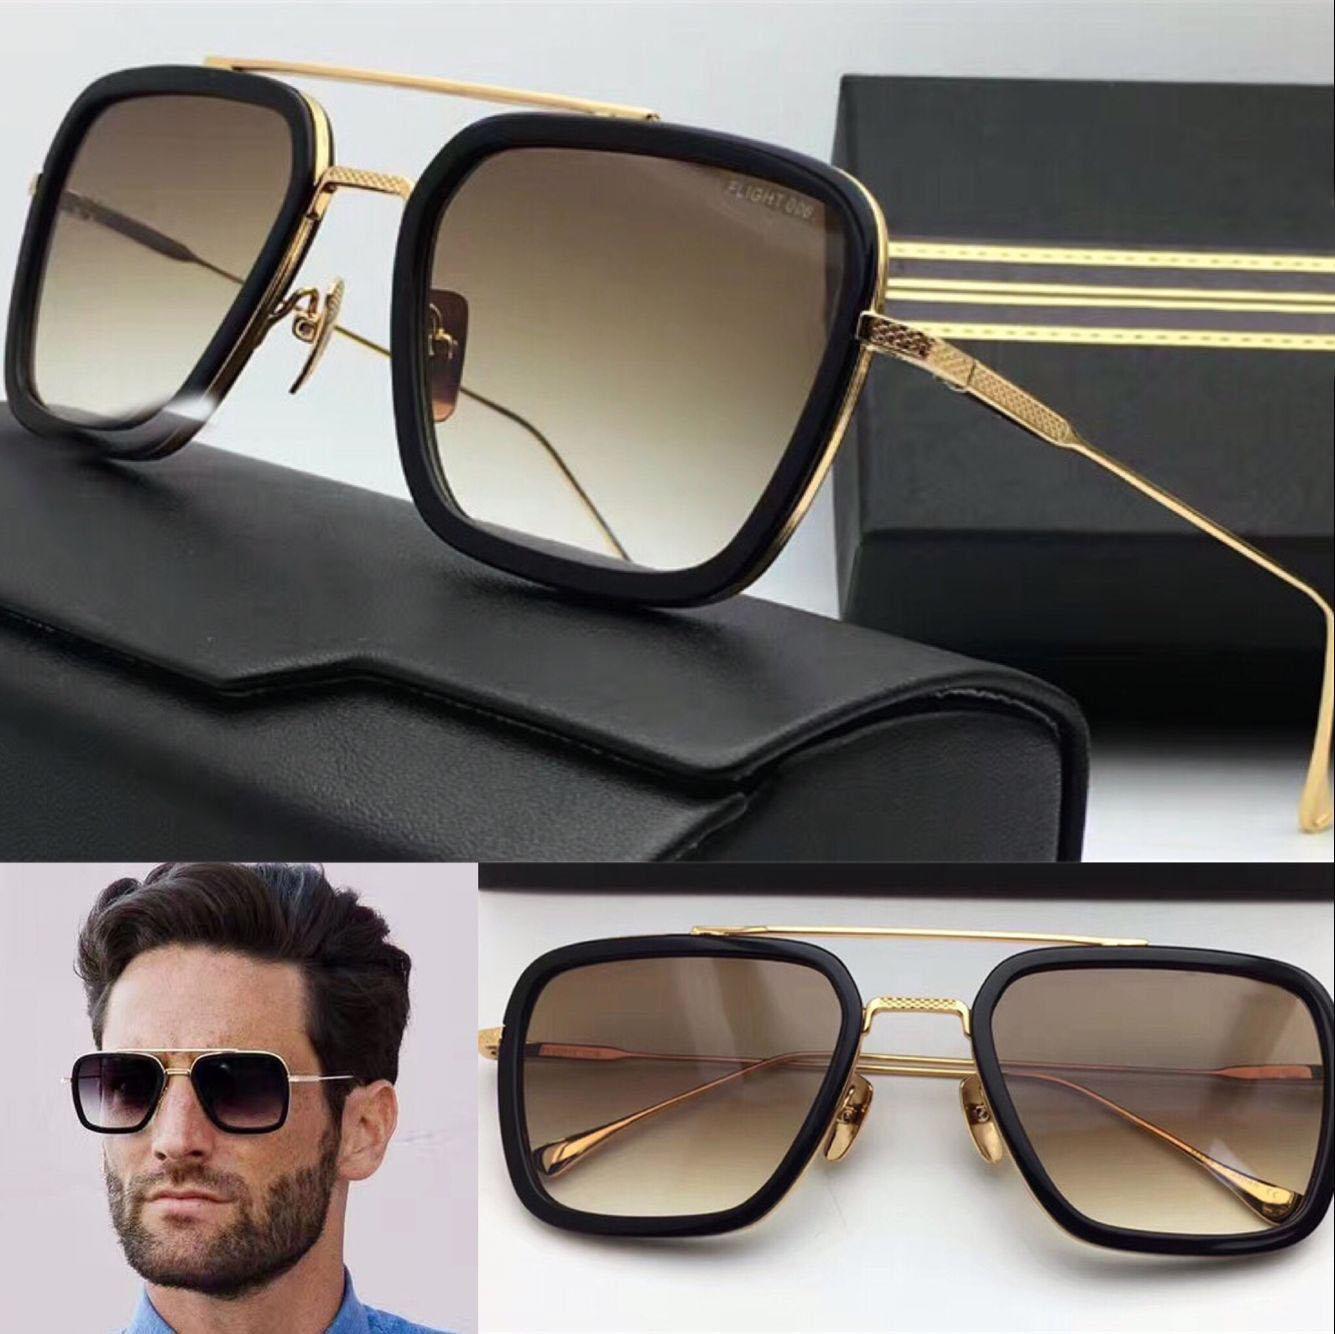 83a53a25785 New Logo Sunglasses Flight 006 Square Frame Coating Mirror Lens Gold Plated  Men Brand Designer UV400 Lens Retro Style Top Quality Vuarnet Sunglasses  Bifocal ...